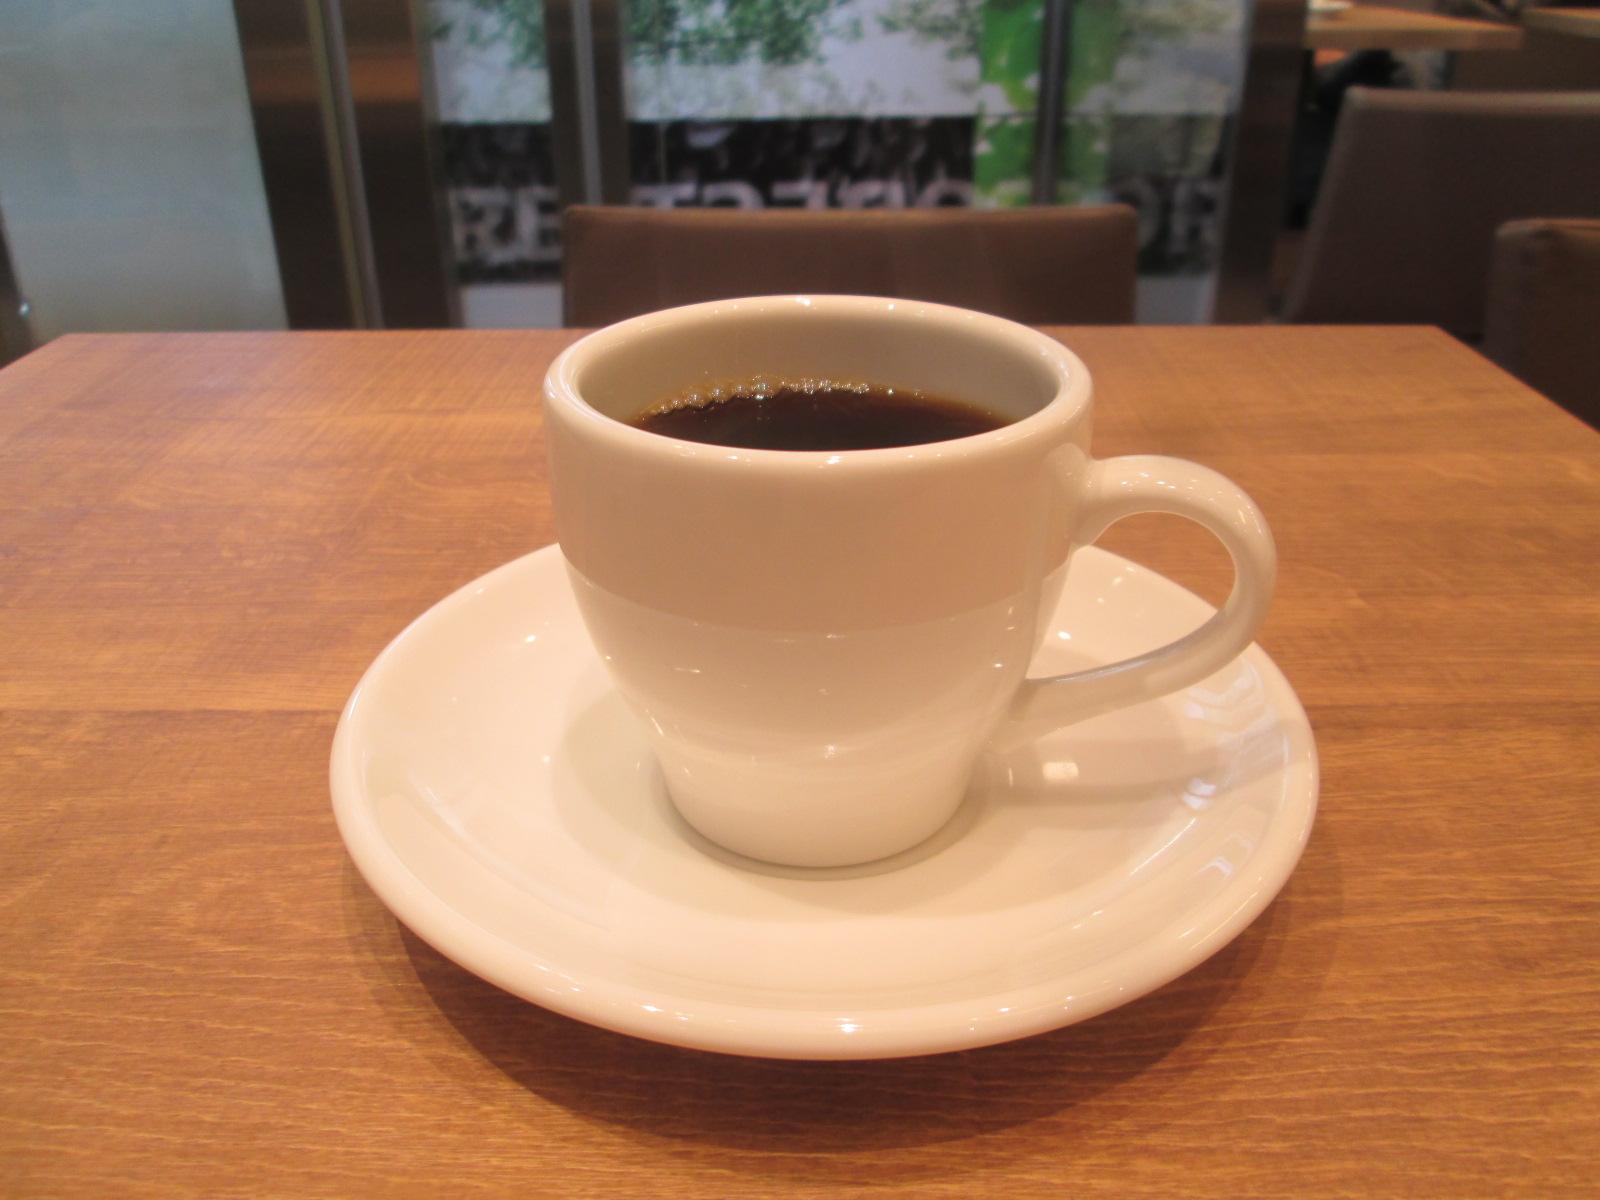 フォレスティコーヒー 愛甲石田店